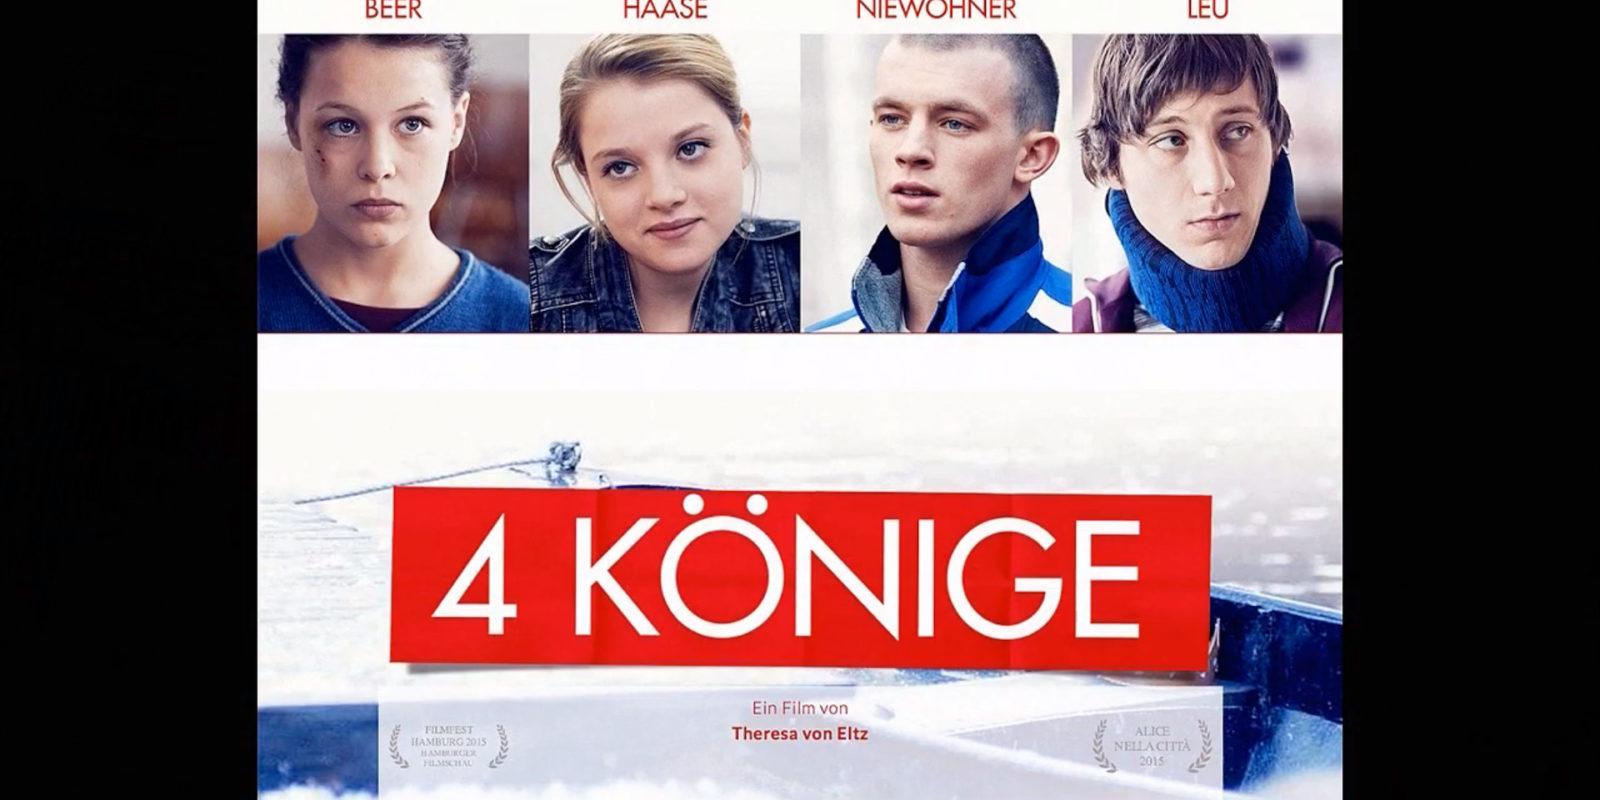 4Könige